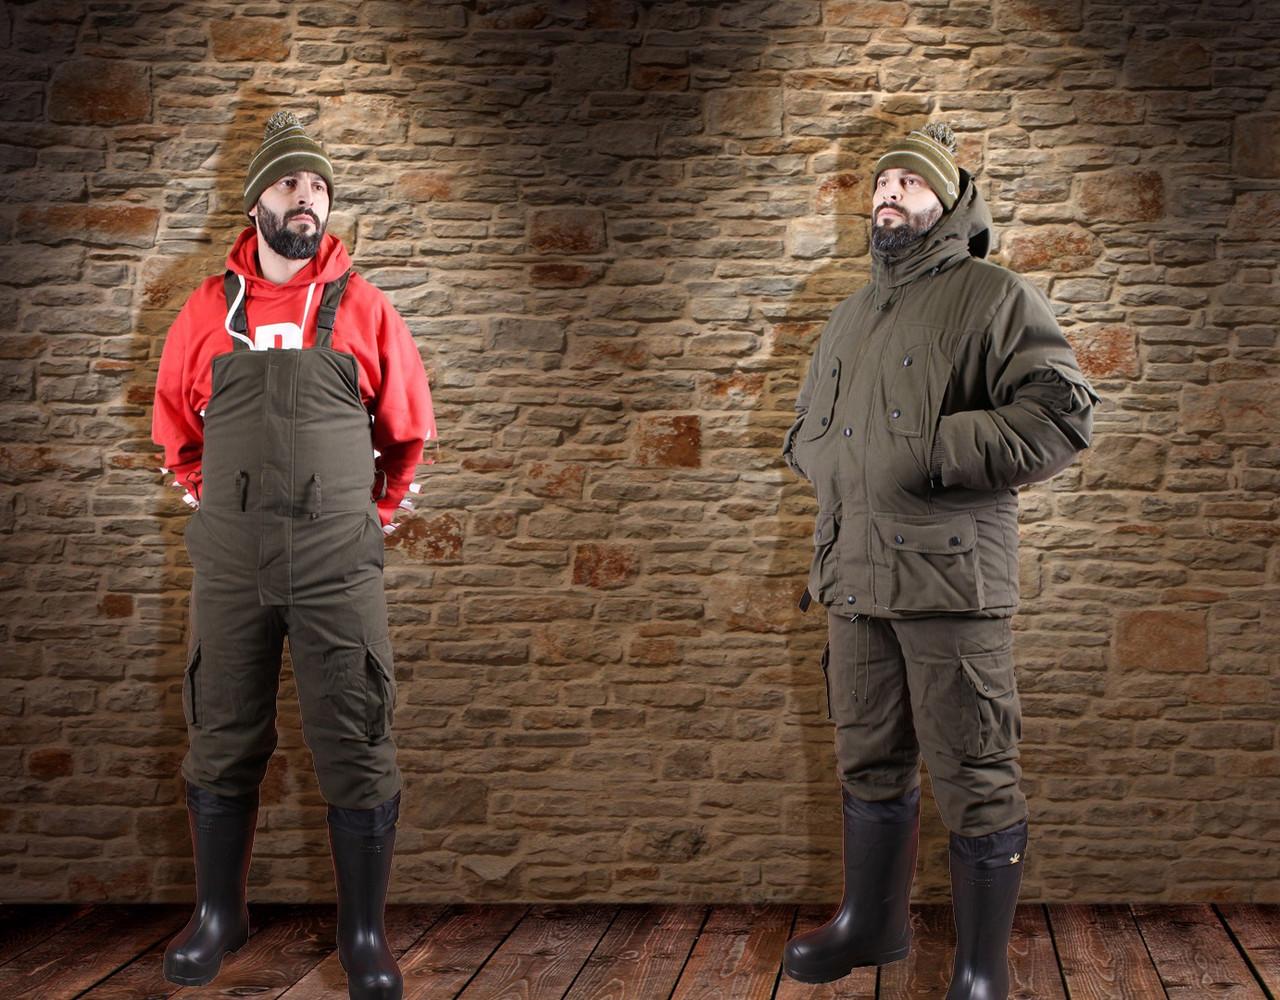 392d0a86e72f Мужской зимний костюм - «Вулкан» товары для рыбалки, охоты, туризма и  дайвинга